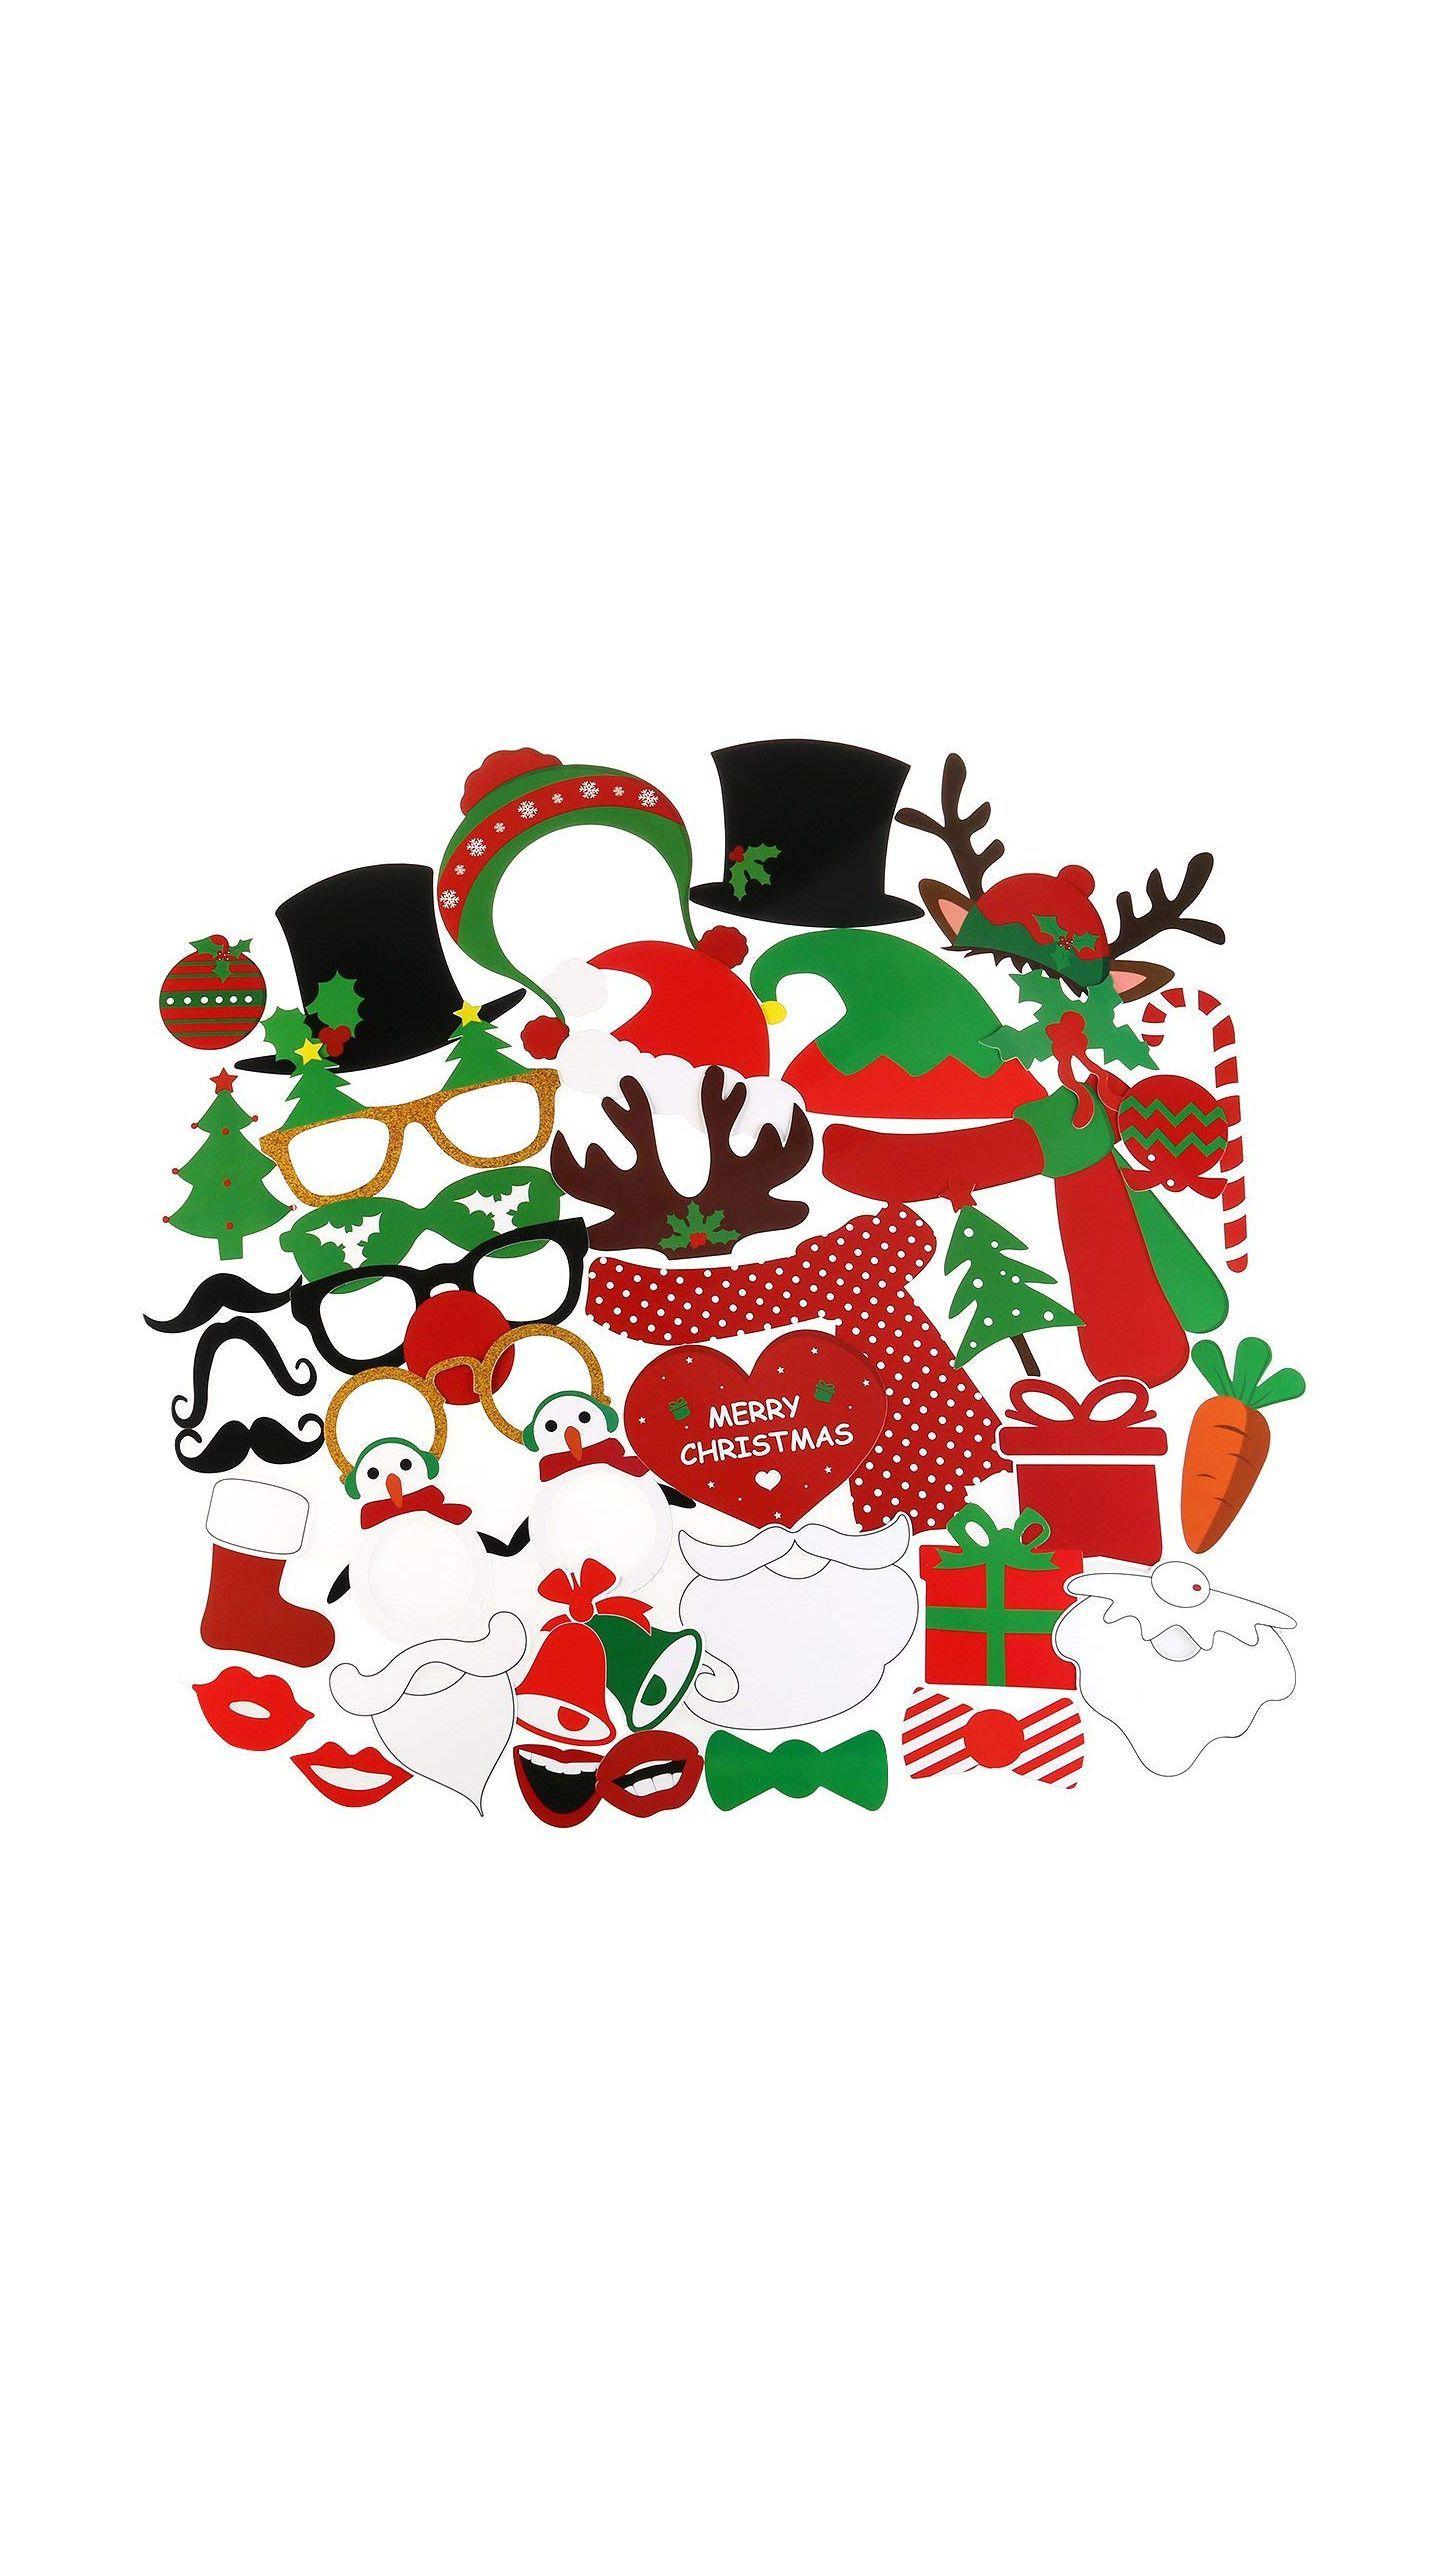 26 Fun Christmas Games to Play With the Family - Homemade Christmas ...